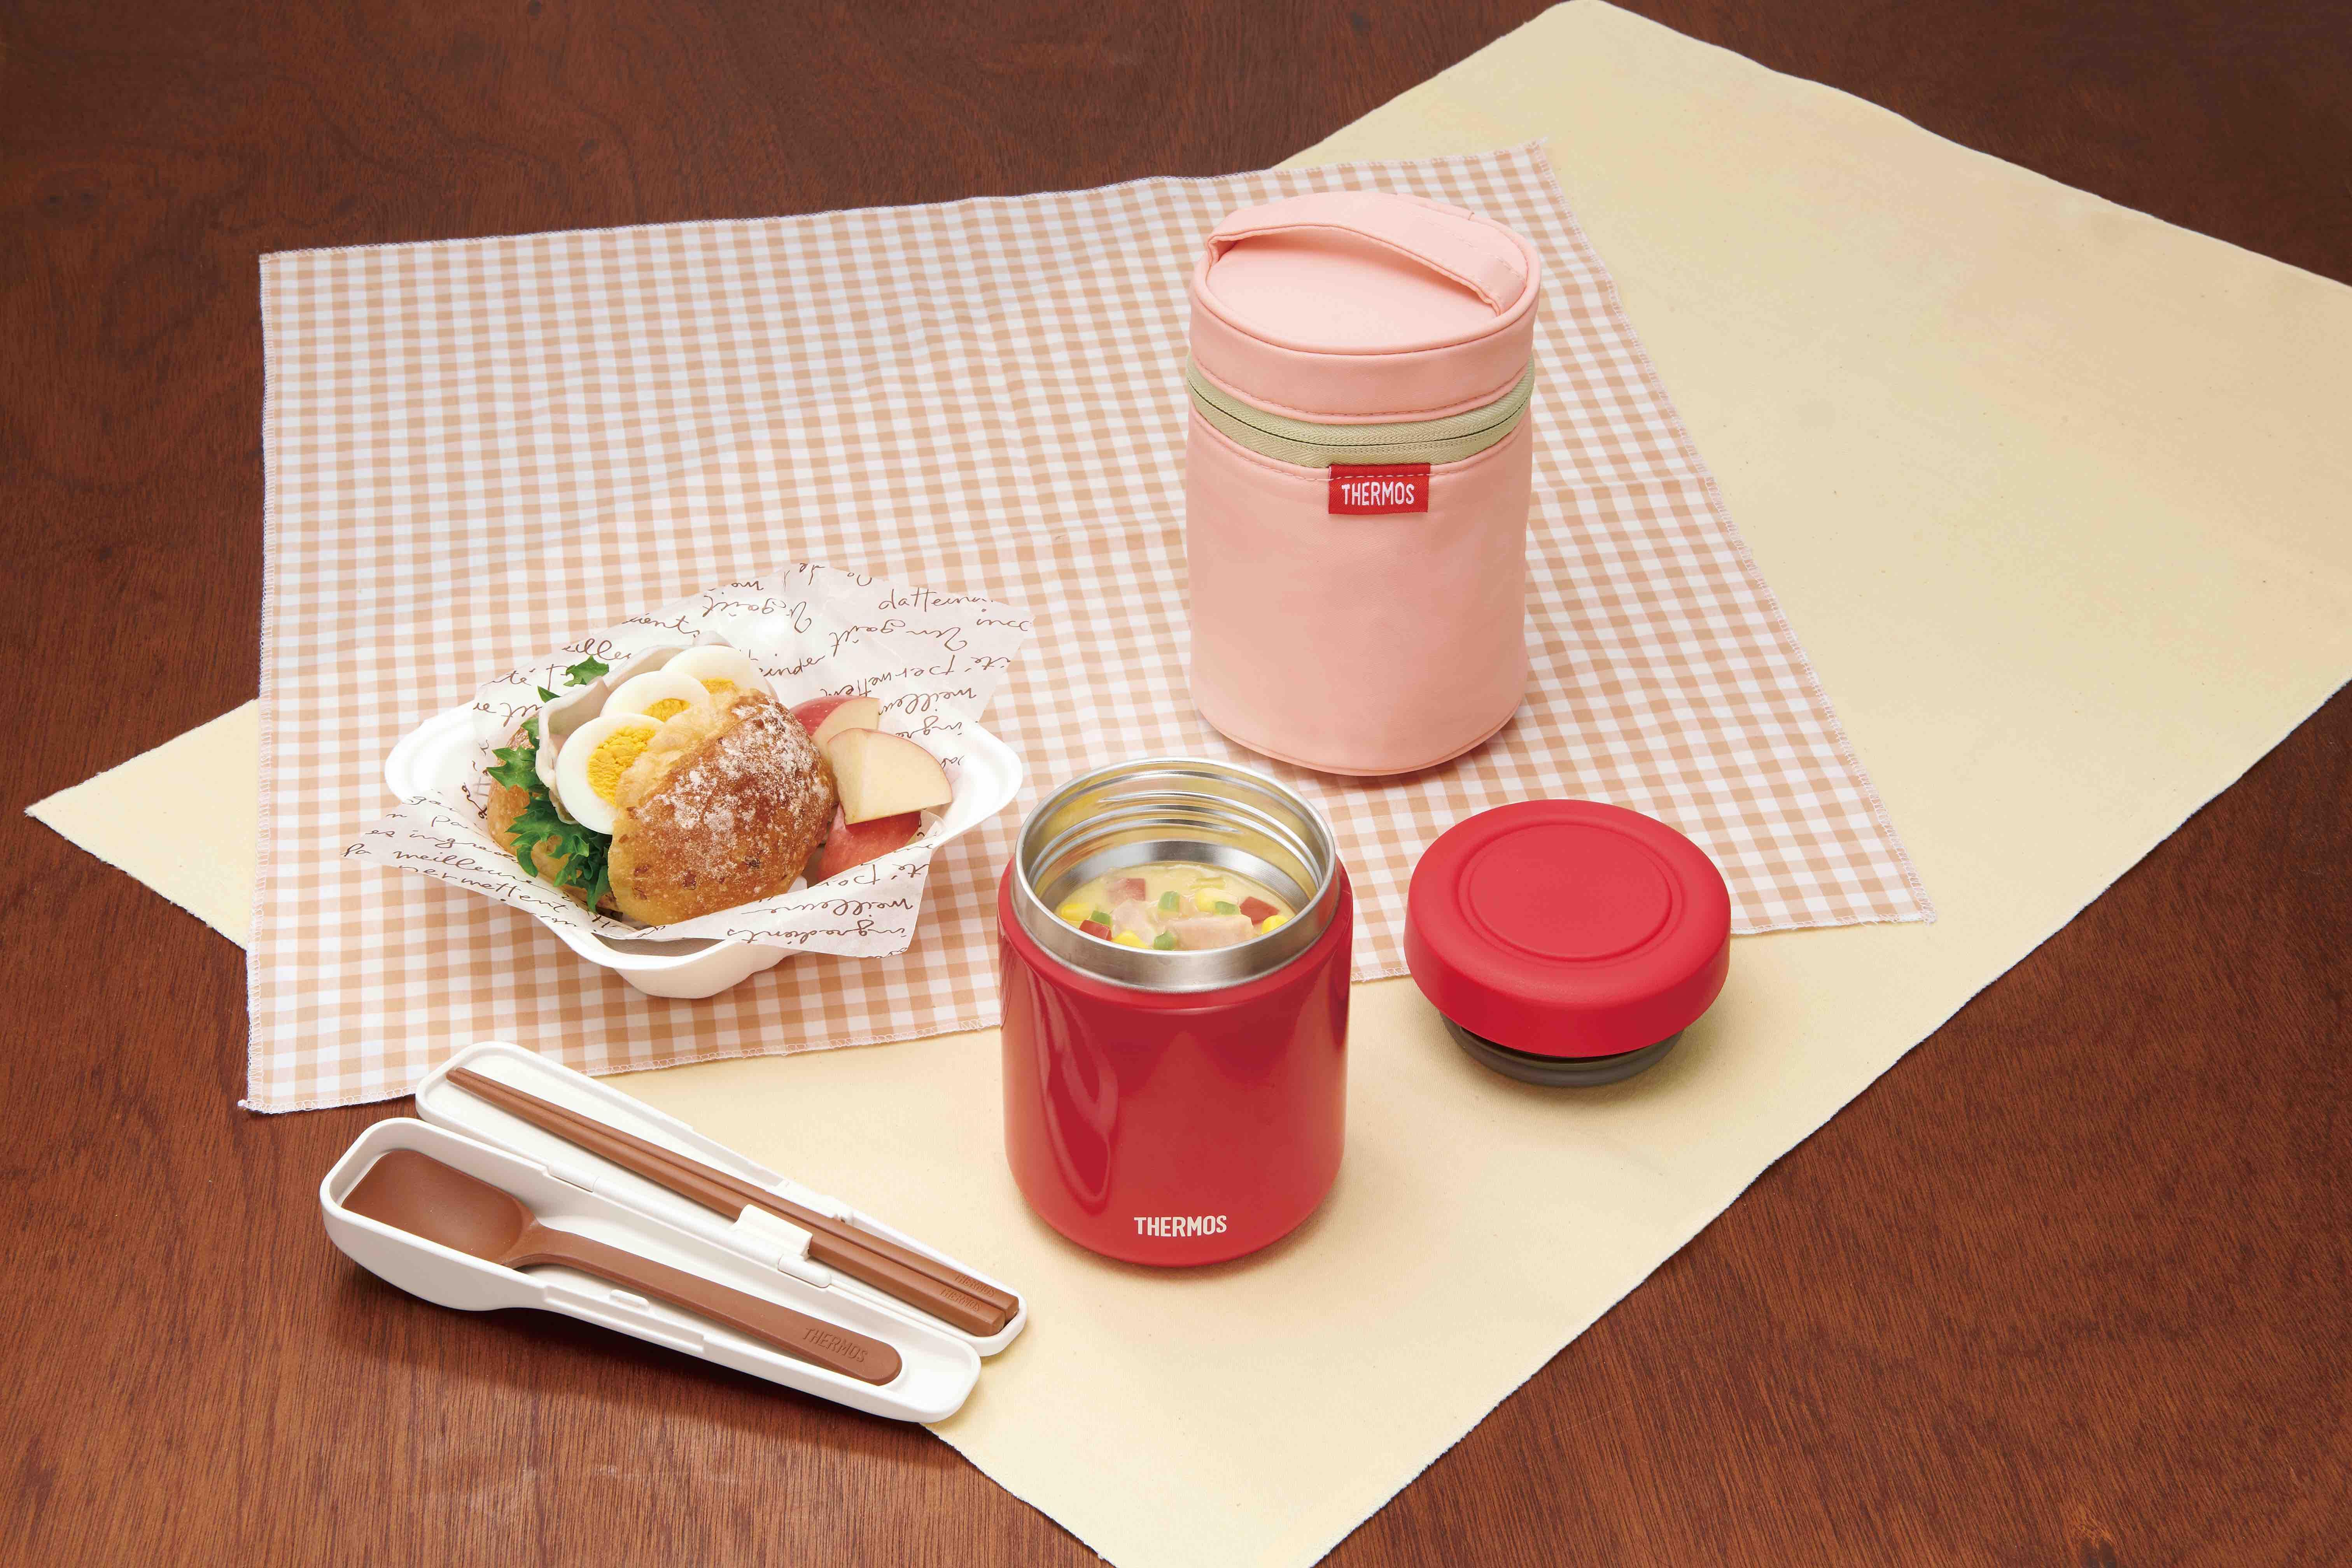 *スープジャーは、飲み物だけでなく「温かい食事」を運ぶという新たな価値を提供しています。